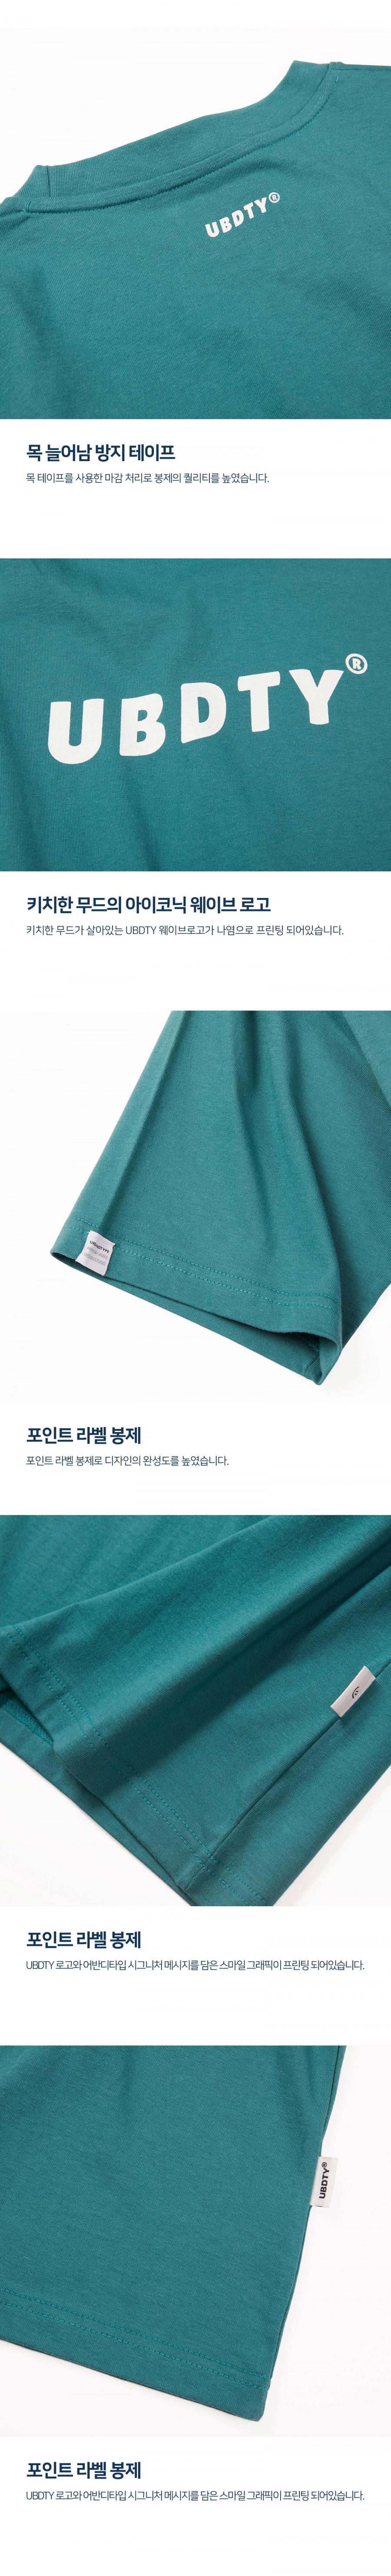 어반디타입(URBANDTYPE) DT225_UBDTY 웨이브 로고 티_민트